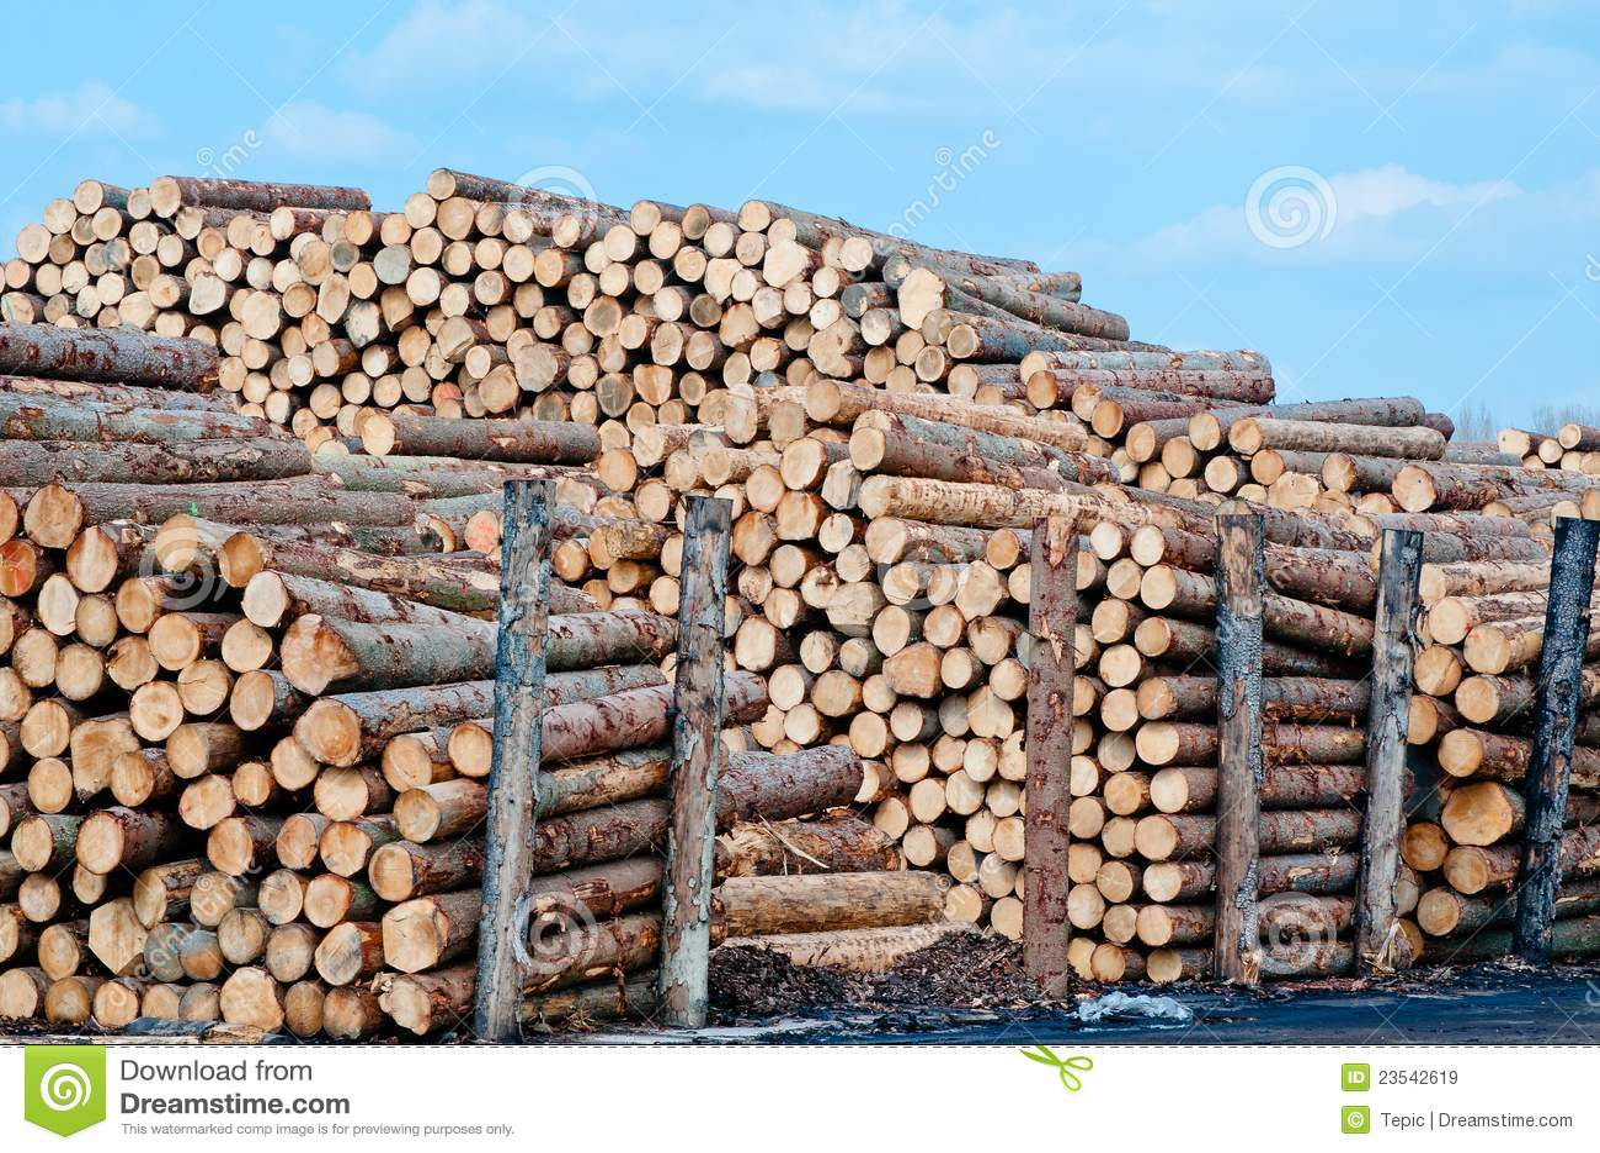 Stacks of lumber stock photography cartoondealer